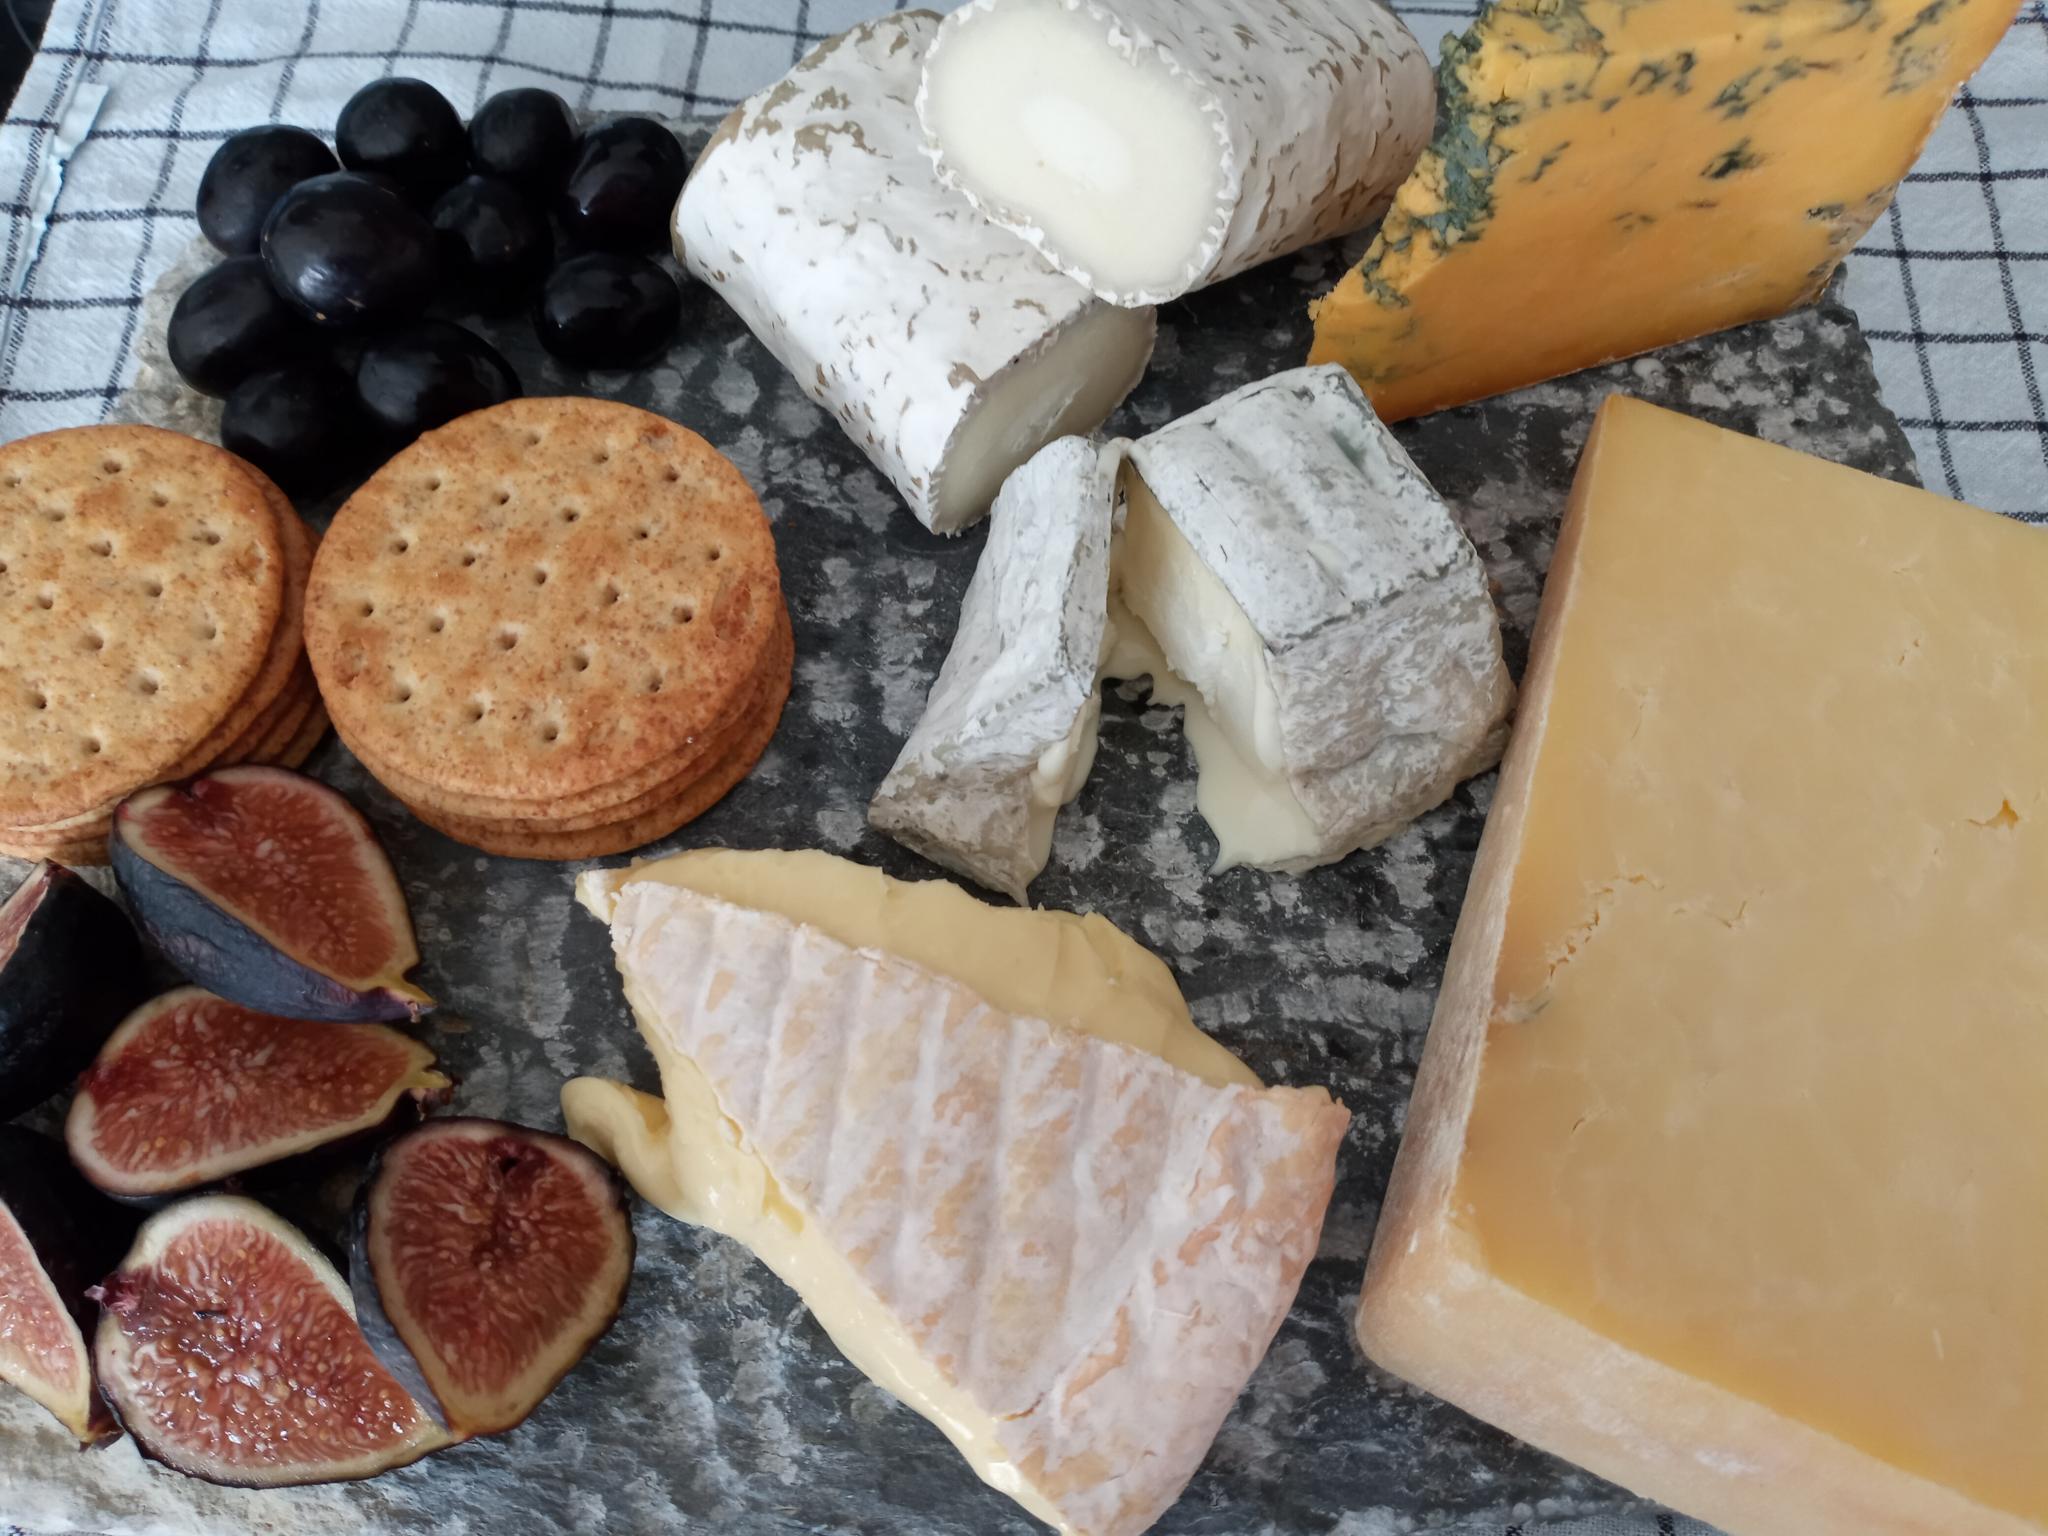 Aqua Sulis and Cheese-ch1-jpg